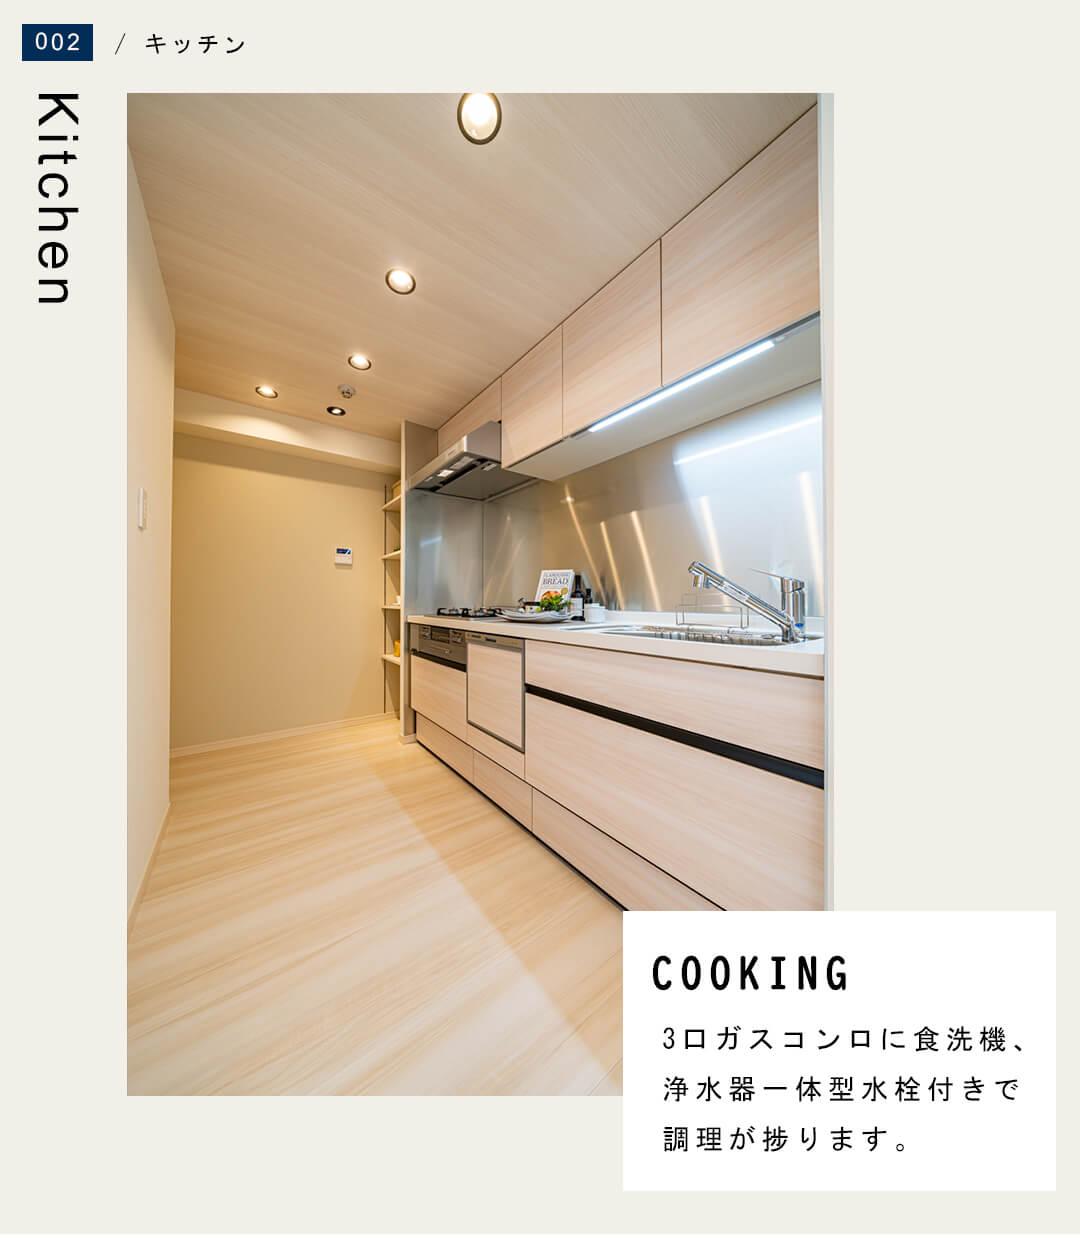 ヴィンテージ文京千石のキッチン